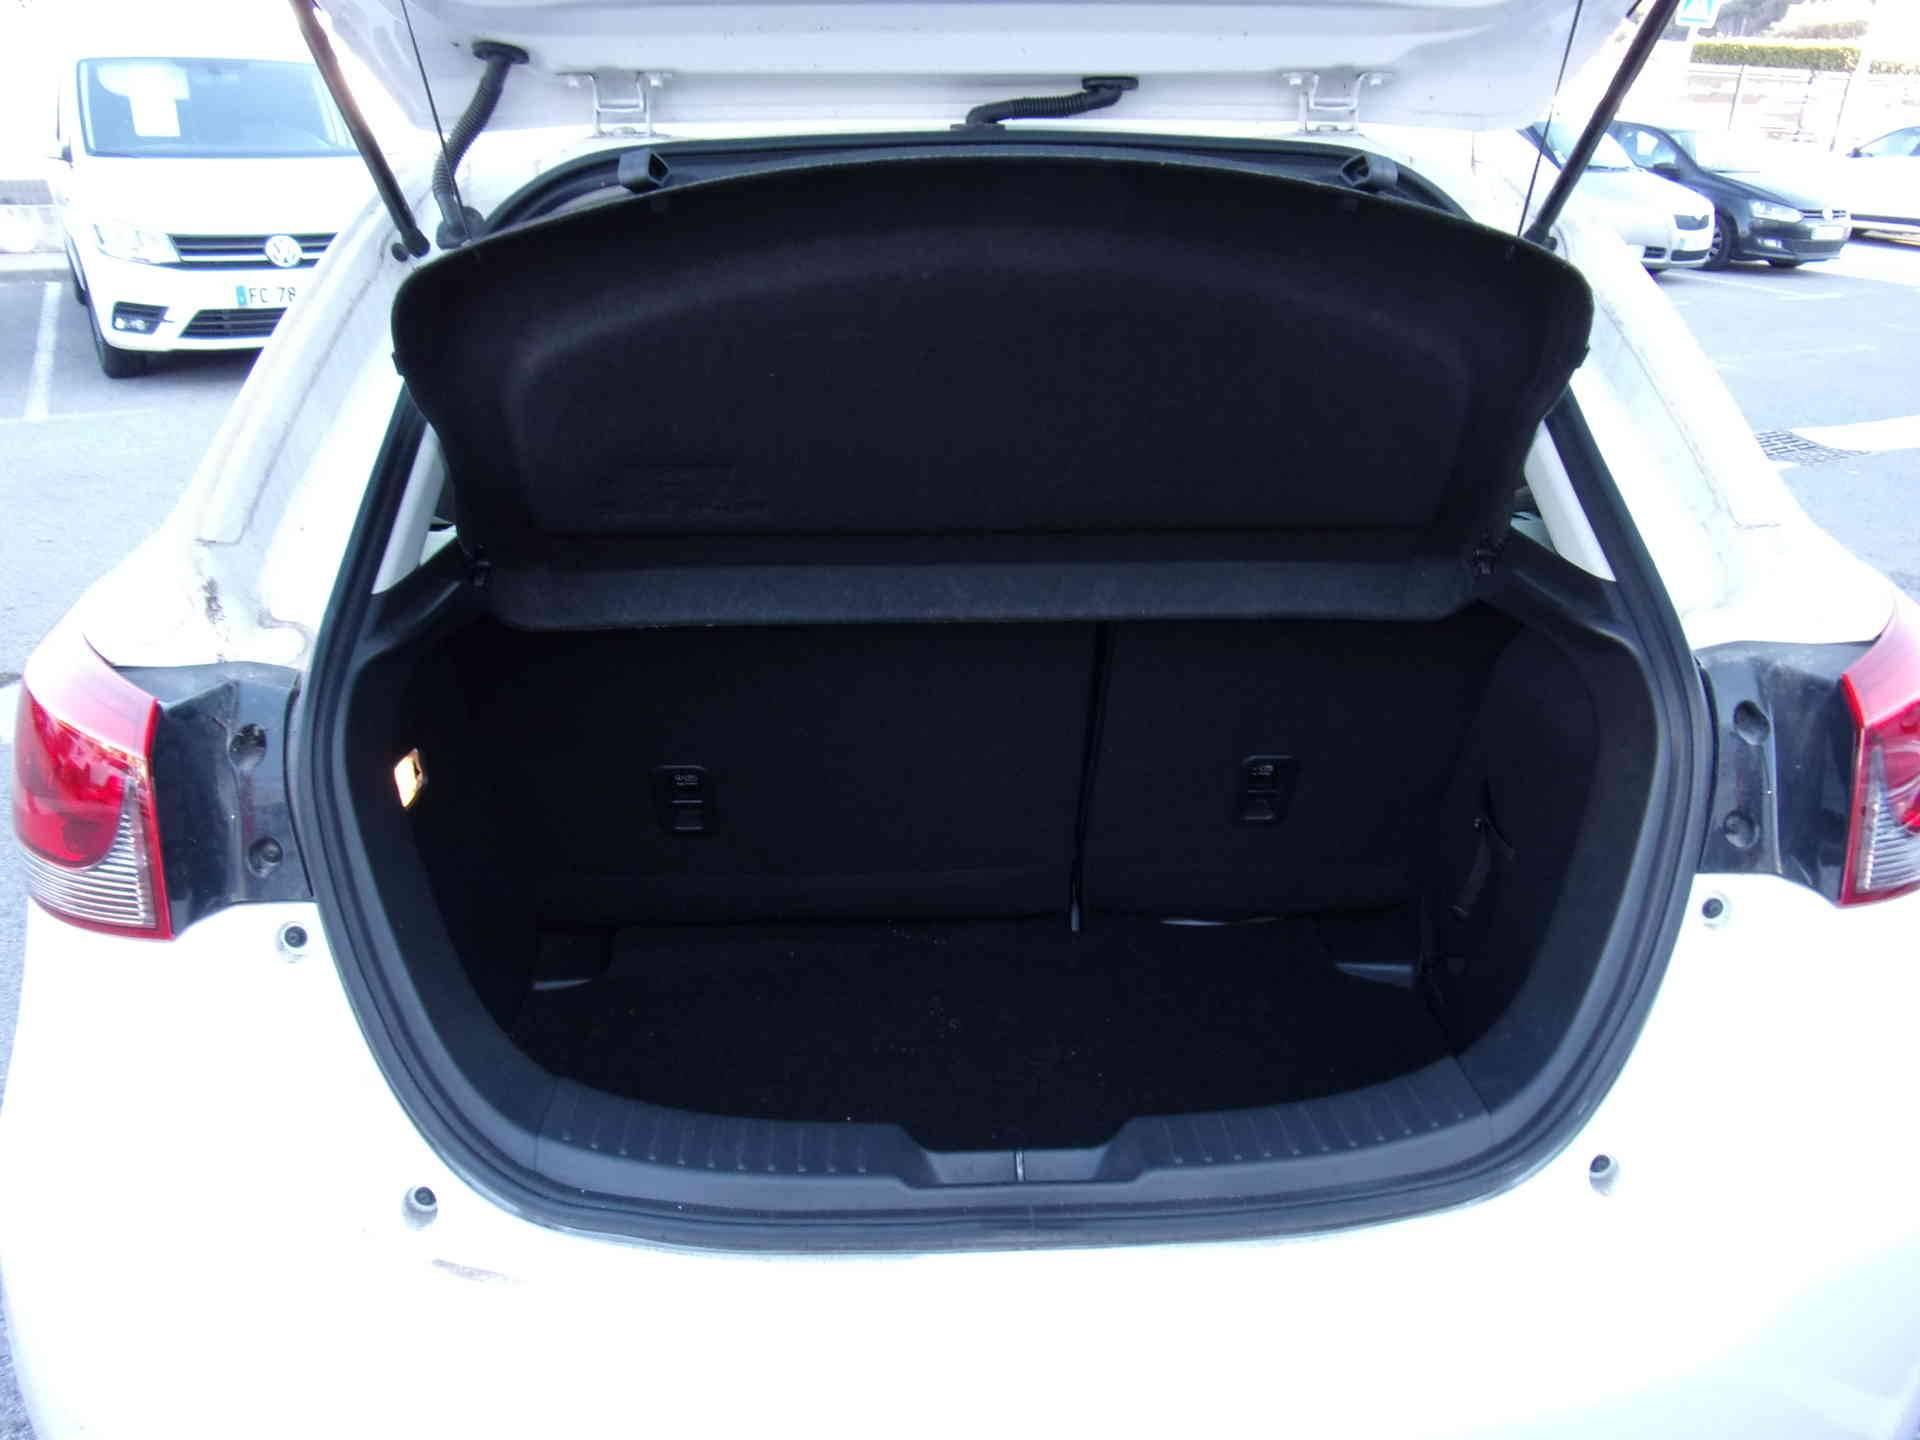 Mazda2 1.5L SKYACTIV-G 90ch